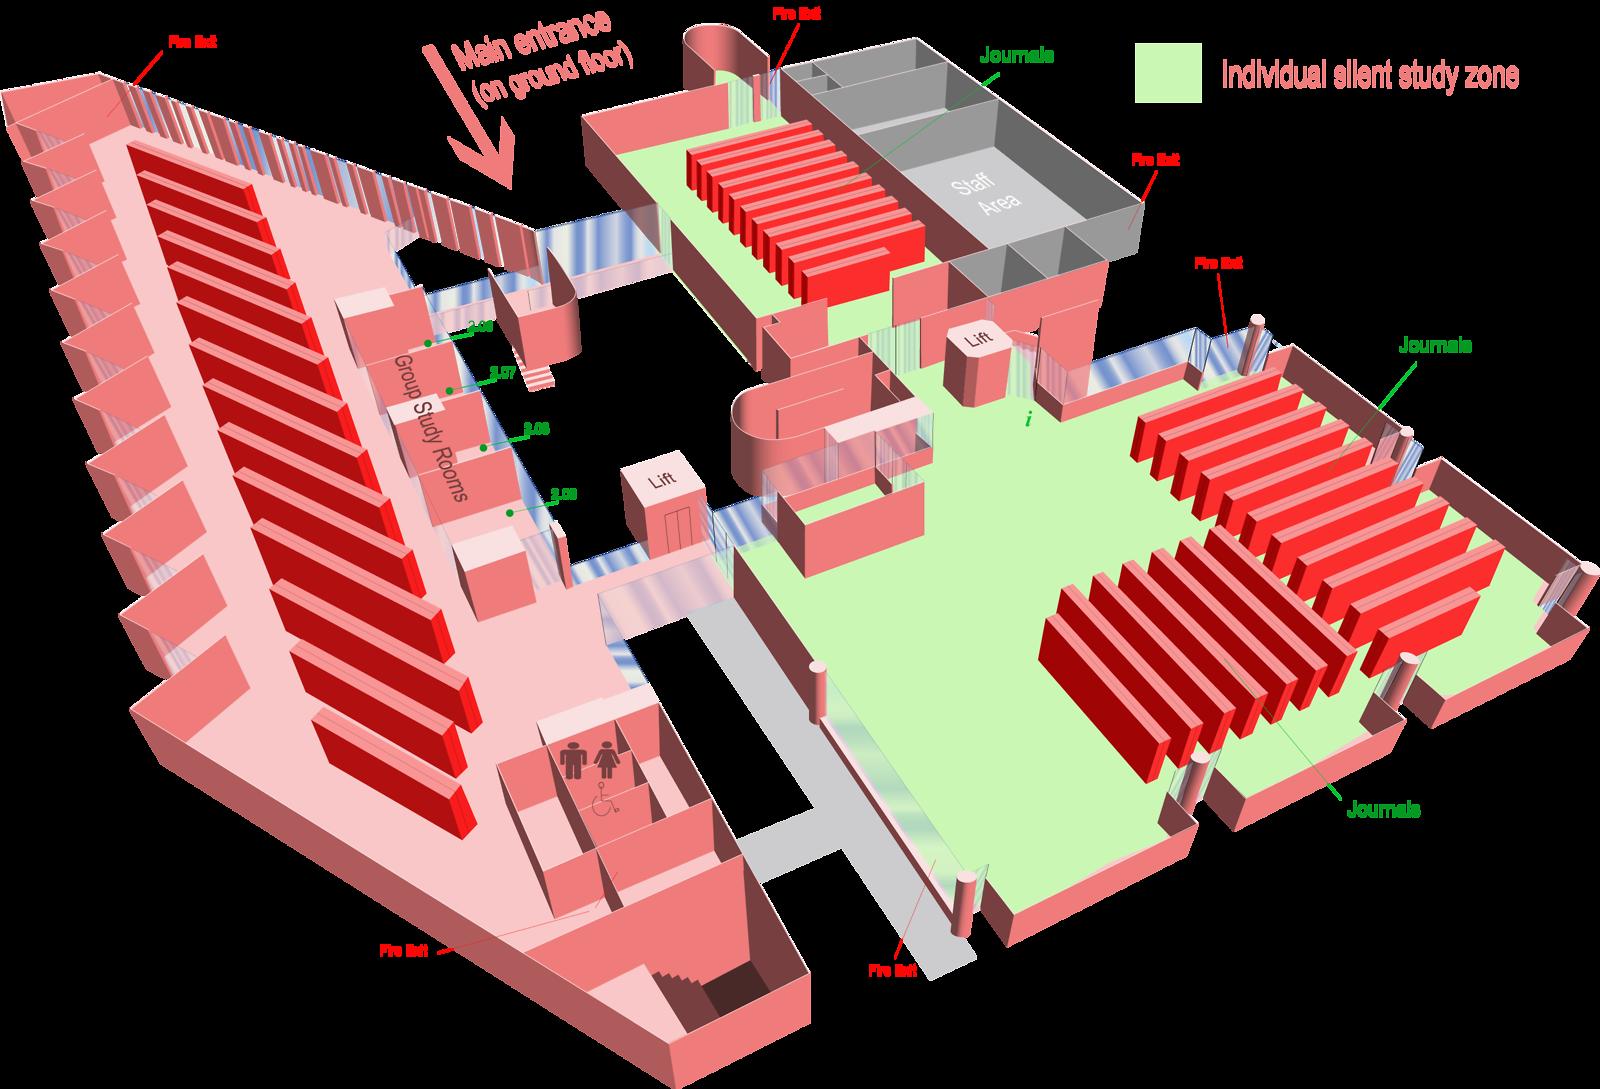 Second floor 3D Map